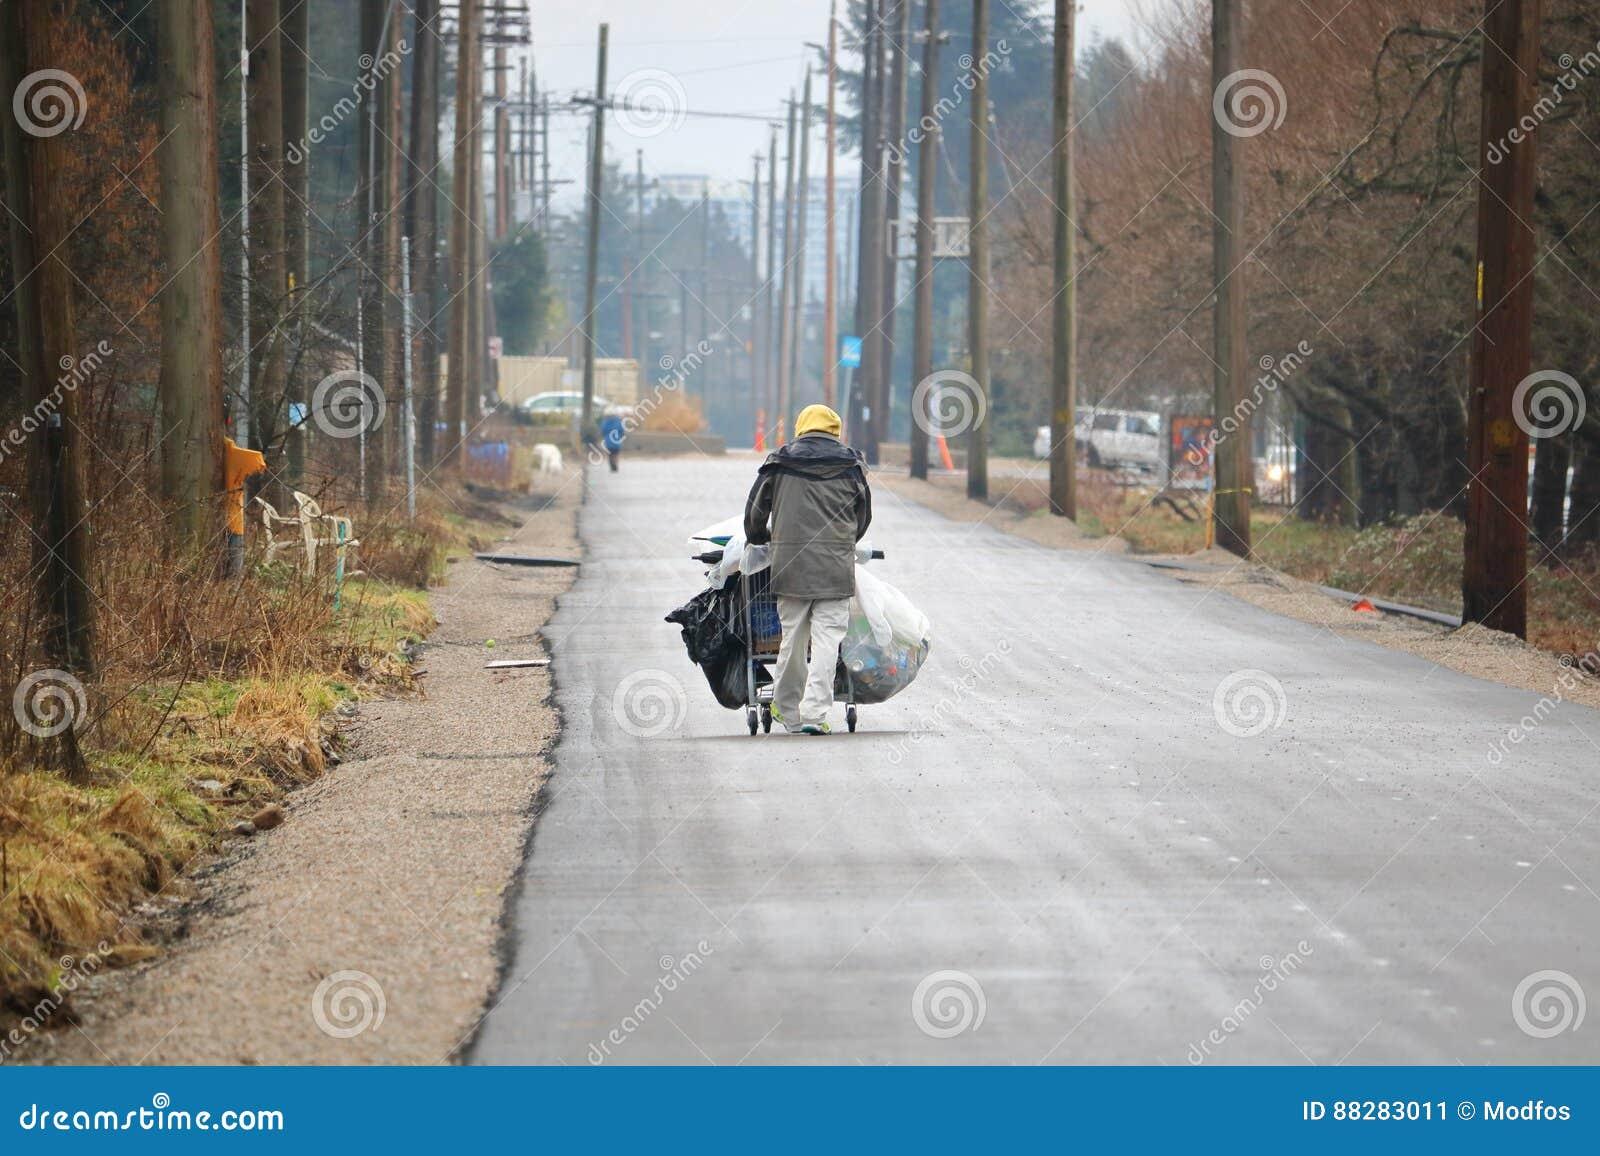 Персона улицы идет самостоятельно